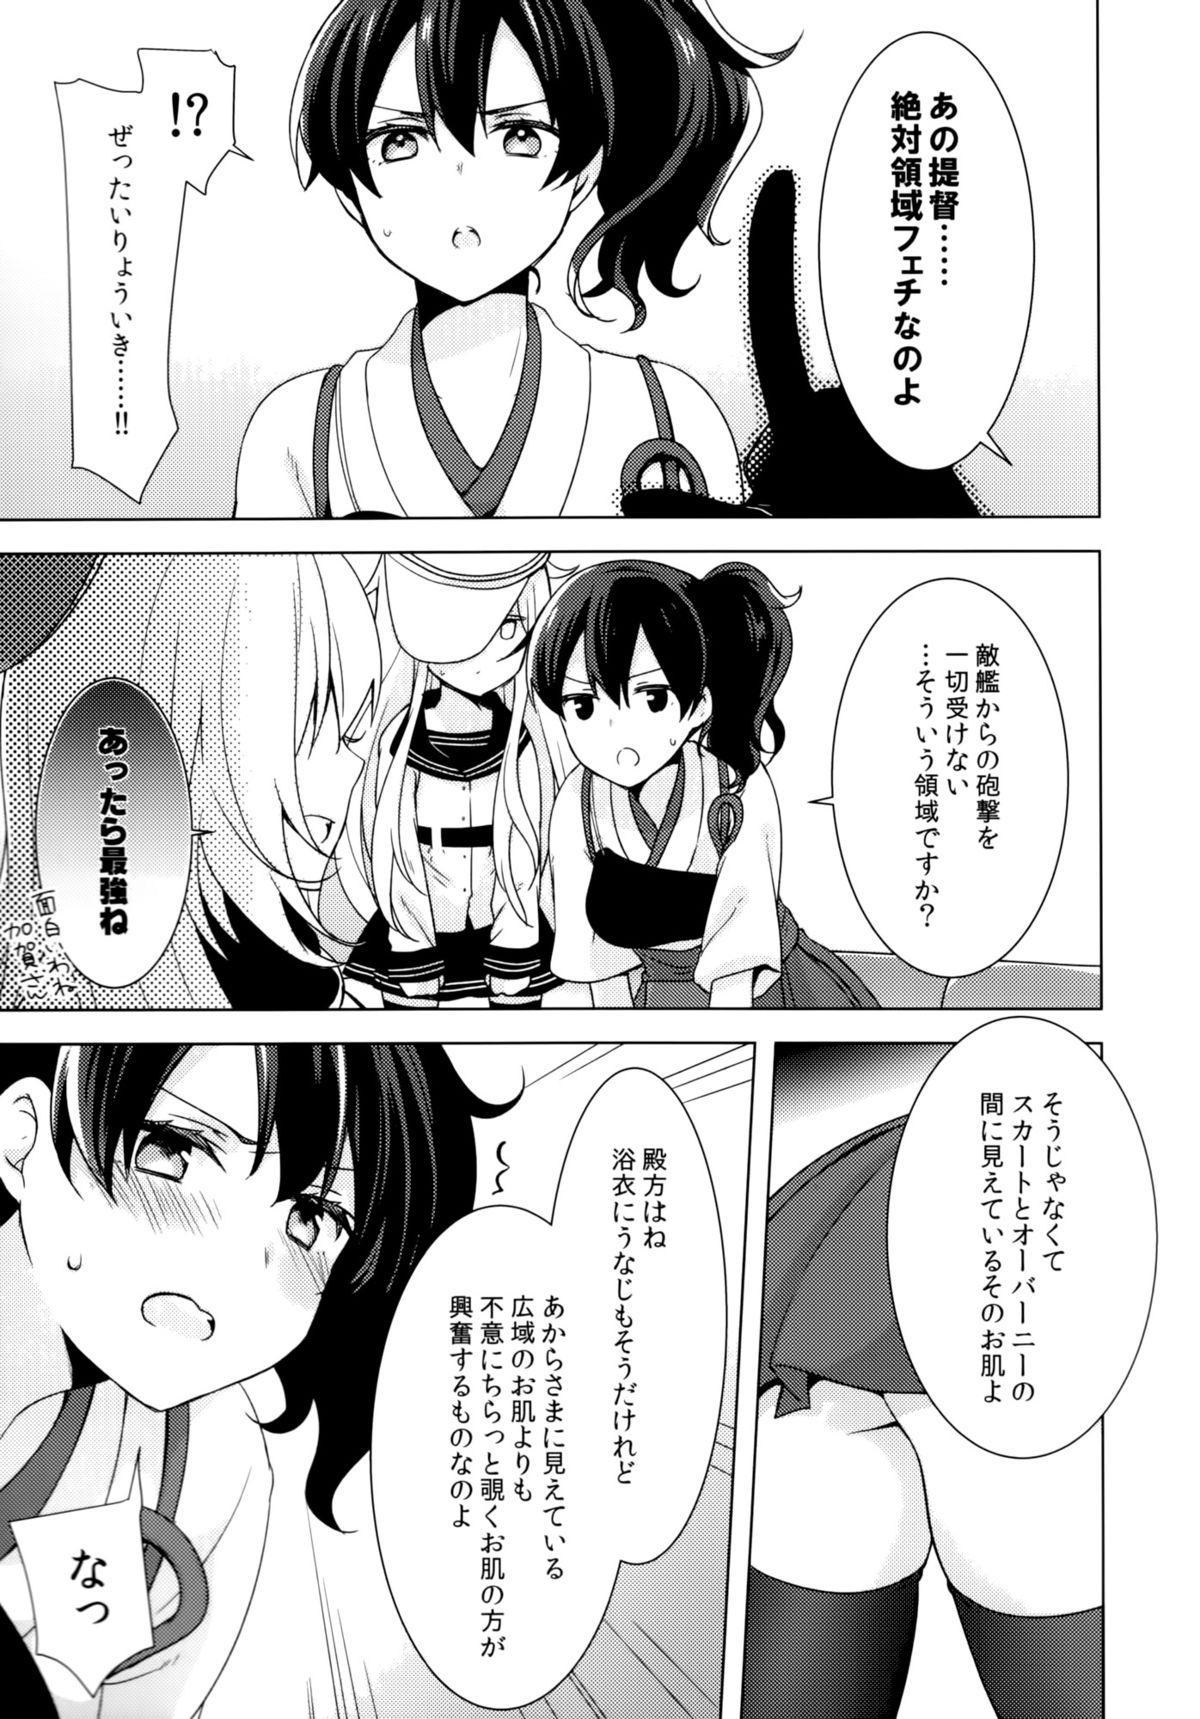 Teitoku no Goshumi 3